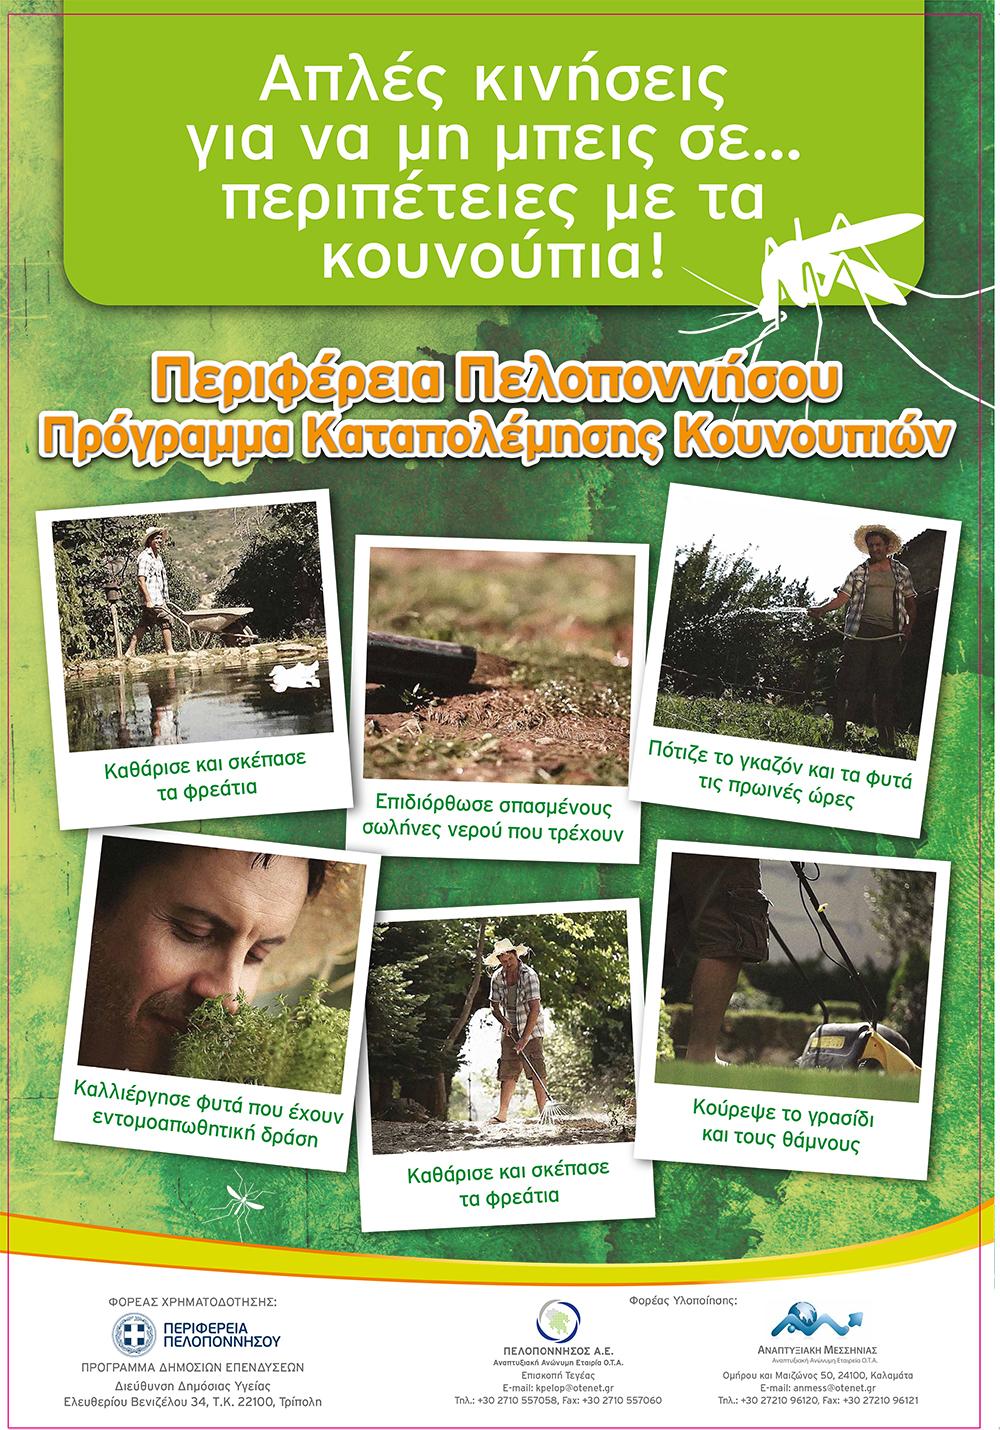 Υλικό προβολής & ενημέρωσης για την καταπολέμηση κουνουπιών